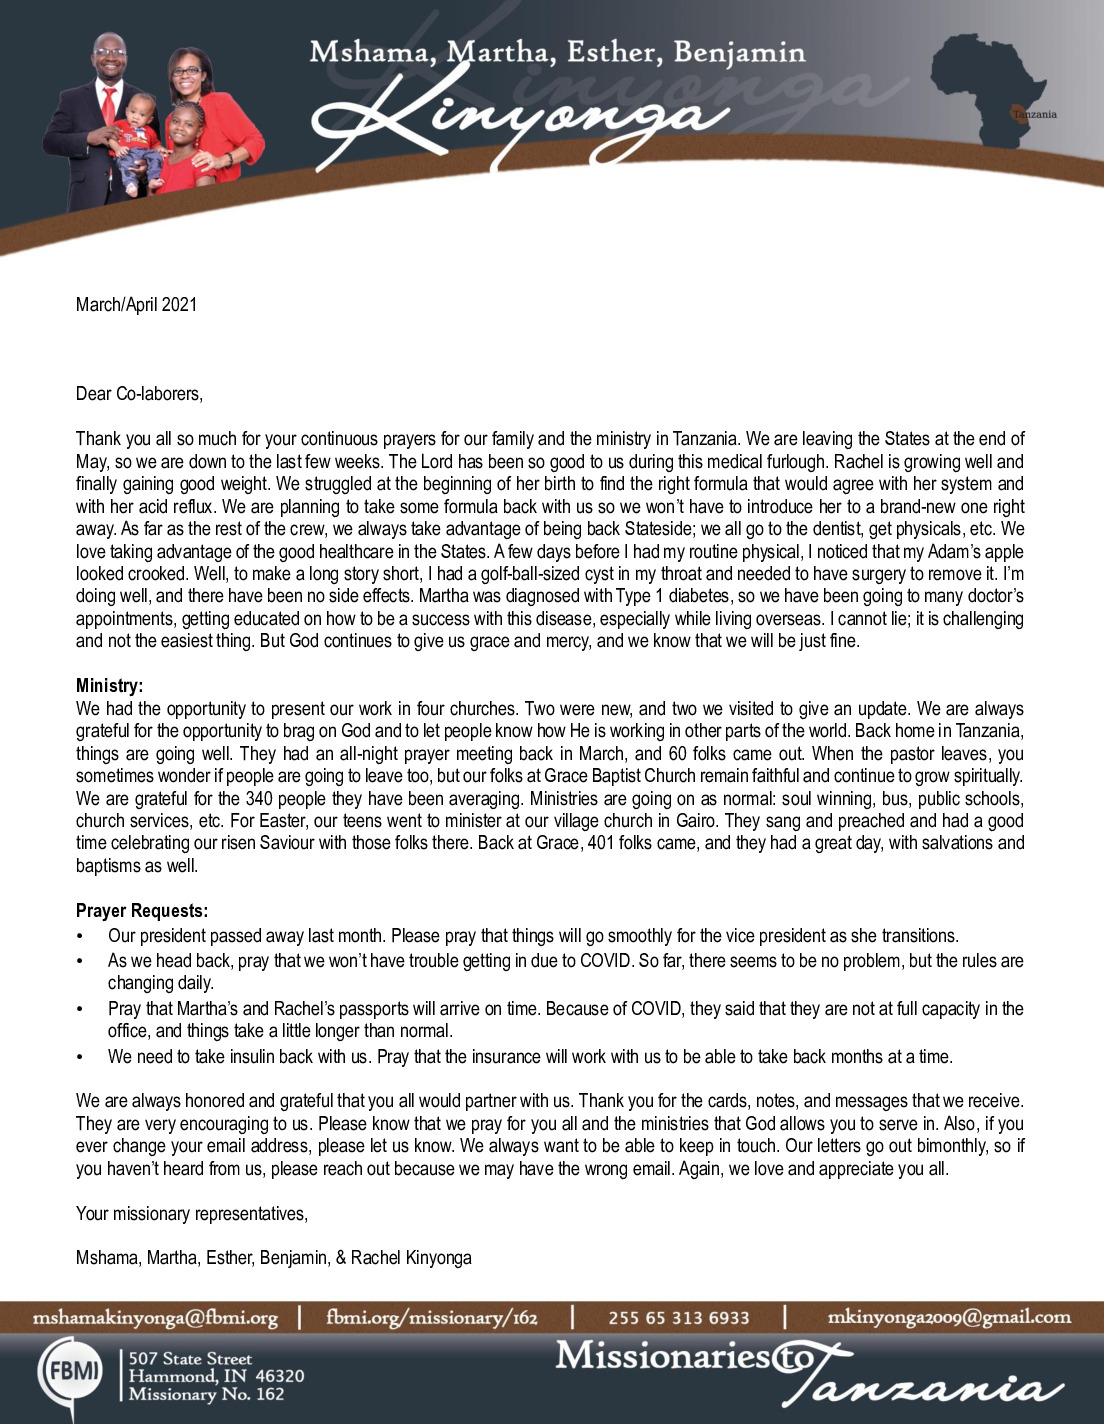 thumbnail of Mshama Kinyonga Mar-Apr 2021 Prayer Letter